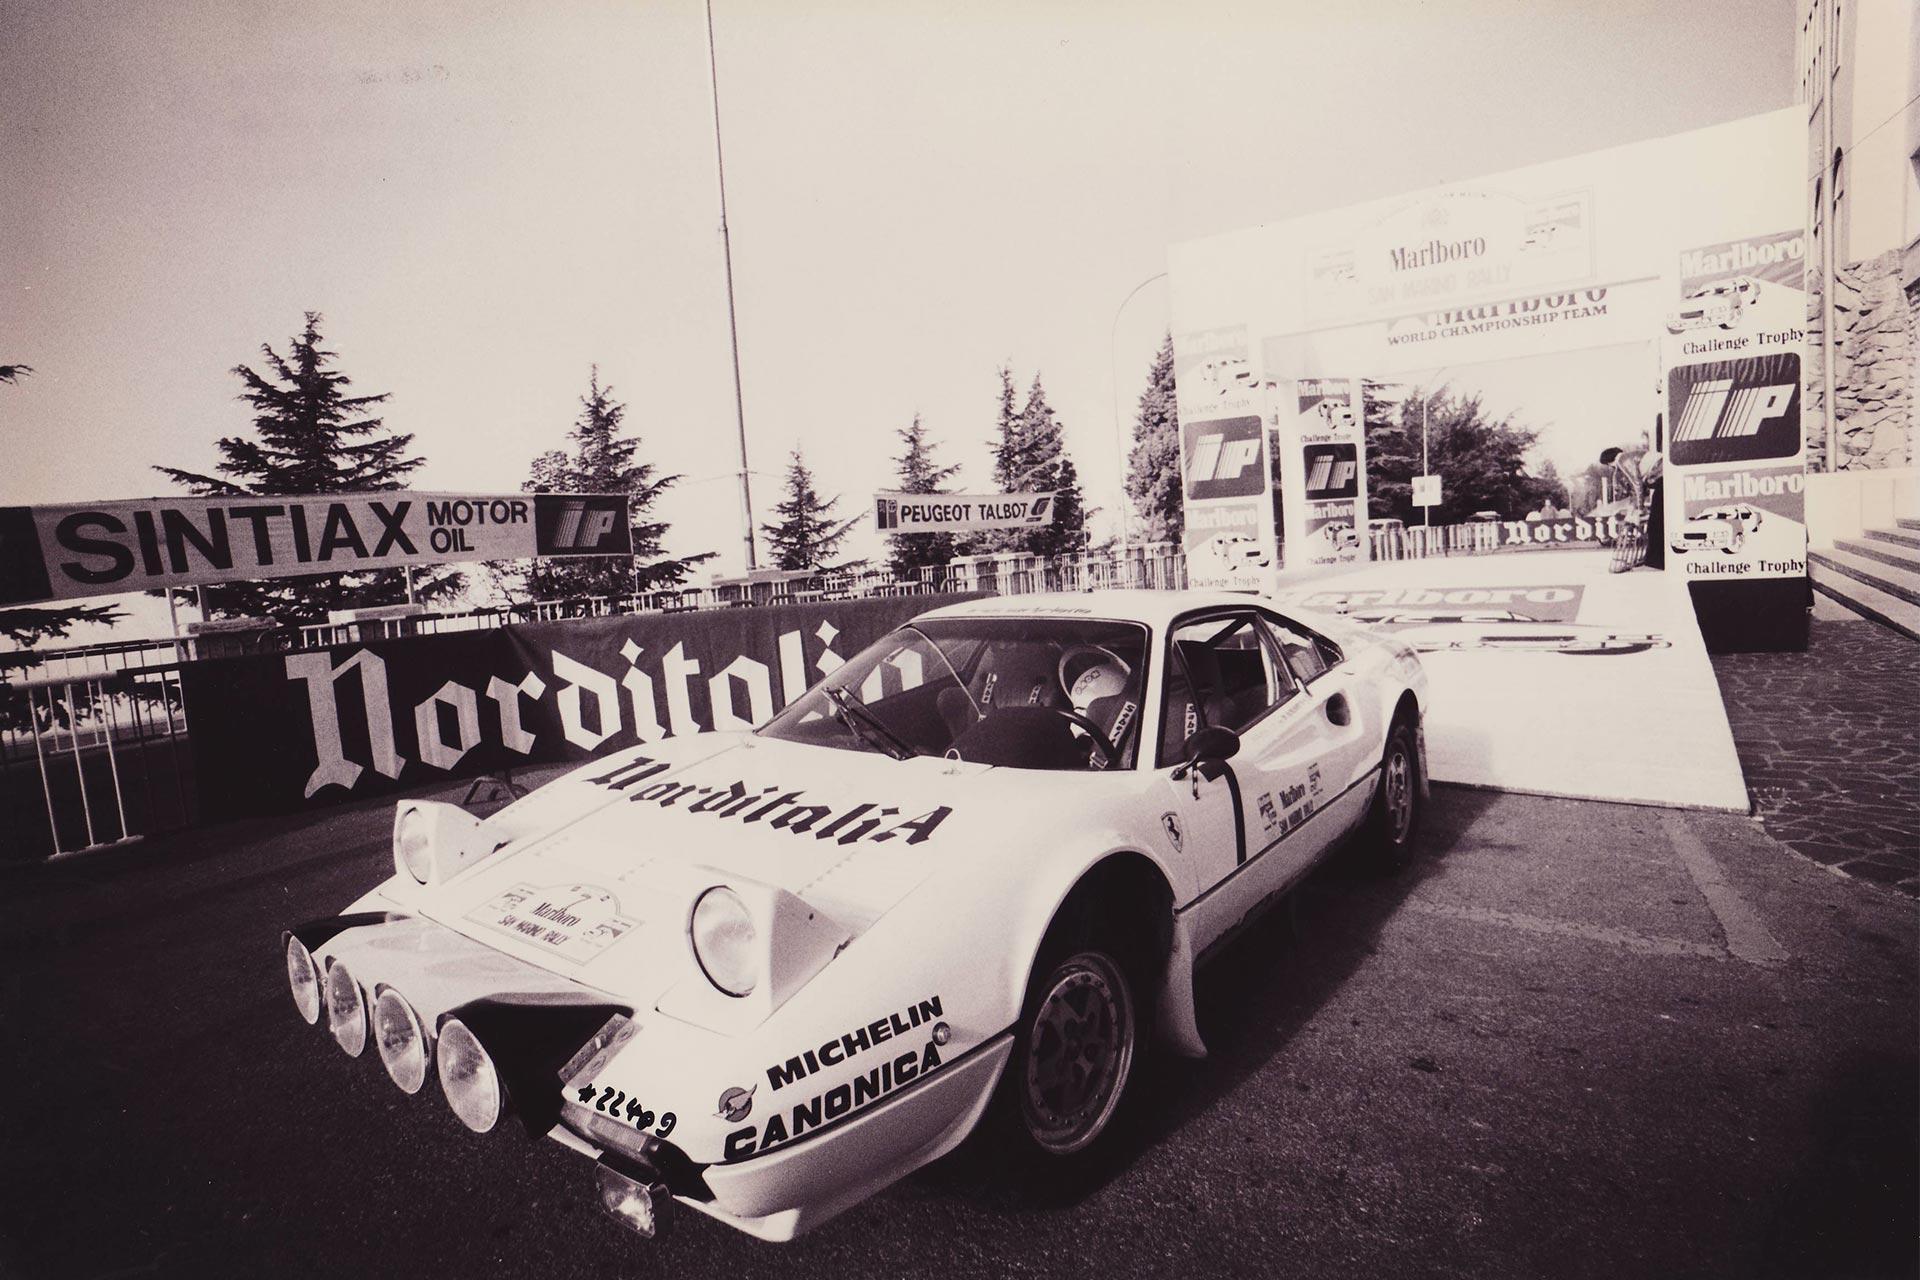 Ferrari-308-GTB-Michelotto-Group-B-for-sale-34